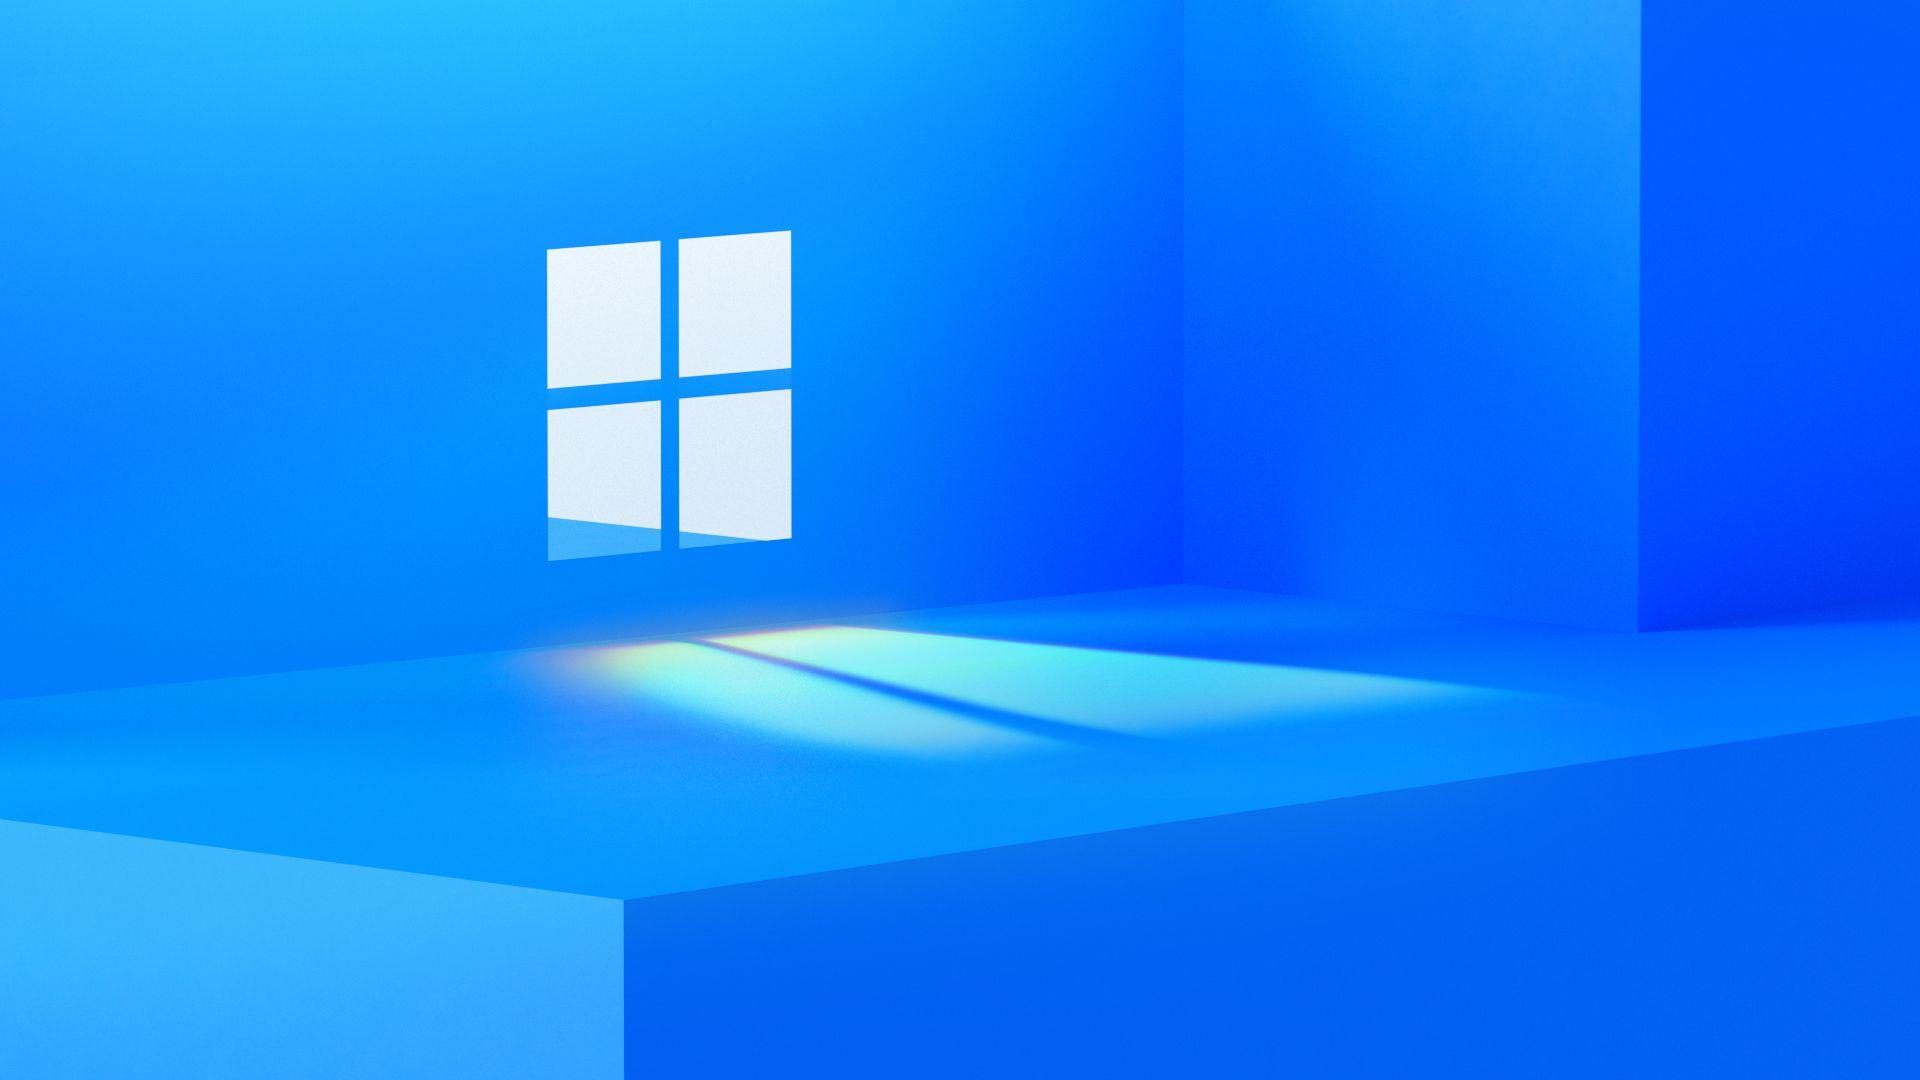 Новая операционная система Windows 11